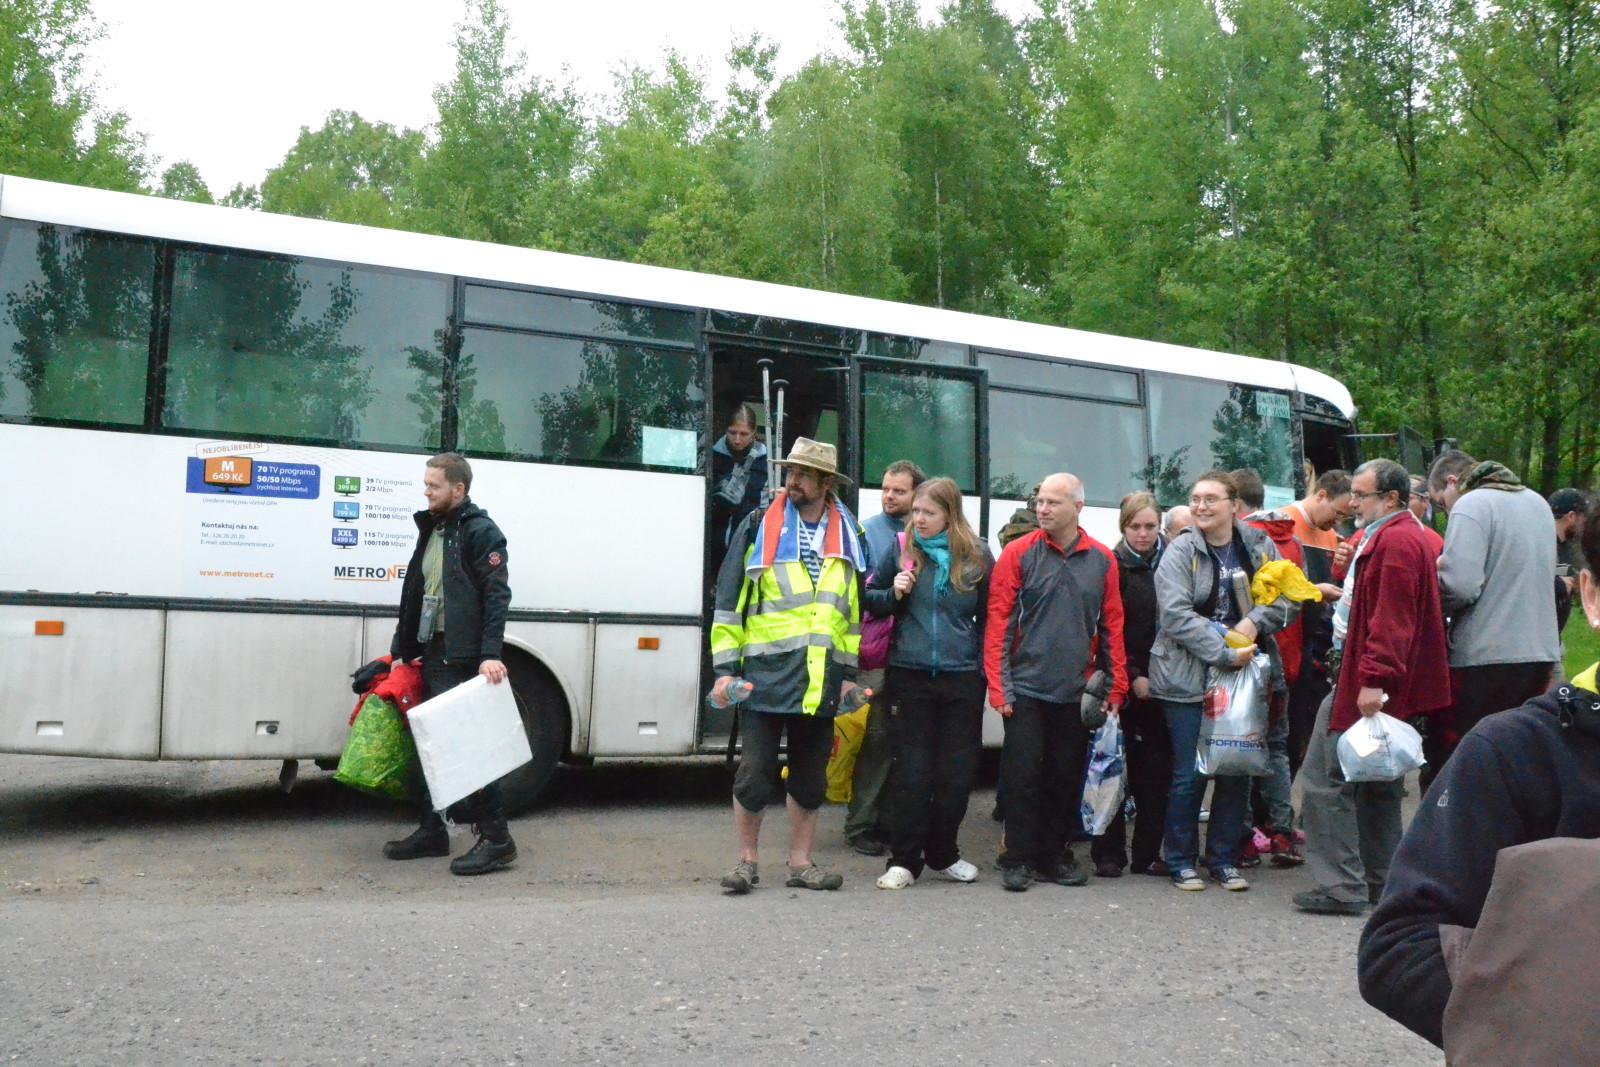 13 05 25 09.49.52 Při přejezdu autobusem na start